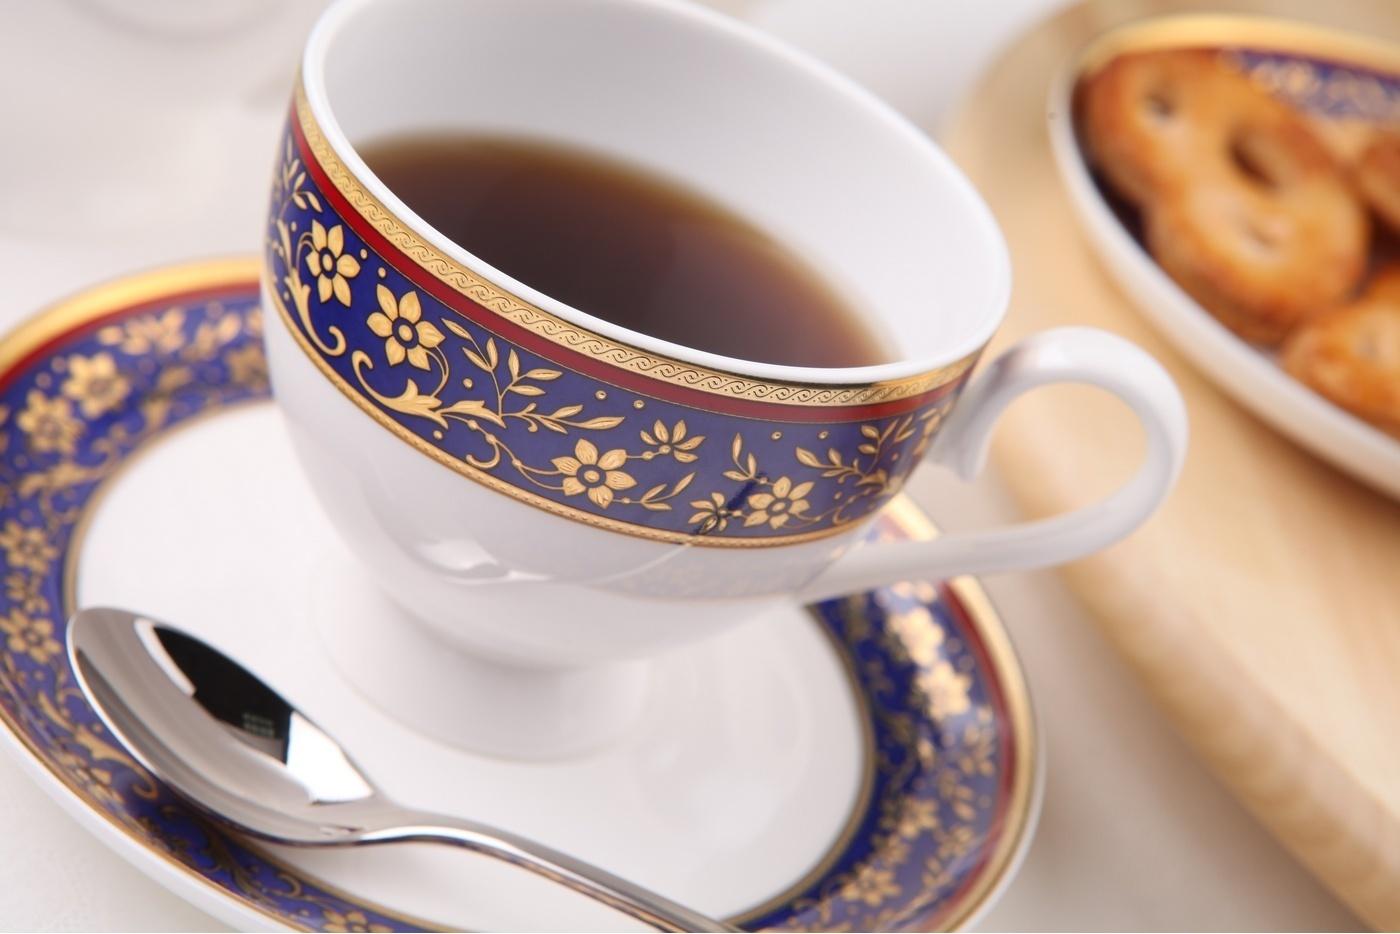 Чайный сервиз Royal Aurel Кобальт арт.120, 15 предметовЧайные сервизы<br>Чайный сервиз Royal Aurel Кобальт арт.120, 15 предметов<br><br><br><br><br><br><br><br><br><br><br>Чашка 270 мл,6 шт.<br>Блюдце 15 см,6 шт.<br>Чайник 1100 мл<br>Сахарница 370 мл<br><br><br><br><br><br><br><br><br>Молочник 300 мл<br><br><br><br><br><br><br><br><br>Производить посуду из фарфора начали в Китае на стыке 6-7 веков. Неустанно совершенствуя и селективно отбирая сырье для производства посуды из фарфора, мастерам удалось добиться выдающихся характеристик фарфора: белизны и тонкостенности. В XV веке появился особый интерес к китайской фарфоровой посуде, так как в это время Европе возникла мода на самобытные китайские вещи. Роскошный китайский фарфор являлся изыском и был в новинку, поэтому он выступал в качестве подарка королям, а также знатным людям. Такой дорогой подарок был очень престижен и по праву являлся элитной посудой. Как известно из многочисленных исторических документов, в Европе китайские изделия из фарфора ценились практически как золото. <br>Проверка изделий из костяного фарфора на подлинность <br>По сравнению с производством других видов фарфора процесс производства изделий из настоящего костяного фарфора сложен и весьма длителен. Посуда из изящного фарфора - это элитная посуда, которая всегда ассоциируется с богатством, величием и благородством. Несмотря на небольшую толщину, фарфоровая посуда - это очень прочное изделие. Для демонстрации плотности и прочности фарфора можно легко коснуться предметов посуды из фарфора деревянной палочкой, и тогда мы услушим характерный металлический звон. В составе фарфоровой посуды присутствует костяная зола, благодаря чему она может быть намного тоньше (не более 2,5 мм) и легче твердого или мягкого фарфора. Безупречная белизна - ключевой признак отличия такого фарфора от других. Цвет обычного фарфора сероватый или ближе к голубоватому, а костяной фарфор будет всегда будет молочно-белого цвета. Характерная и немаловажная деталь - это нев